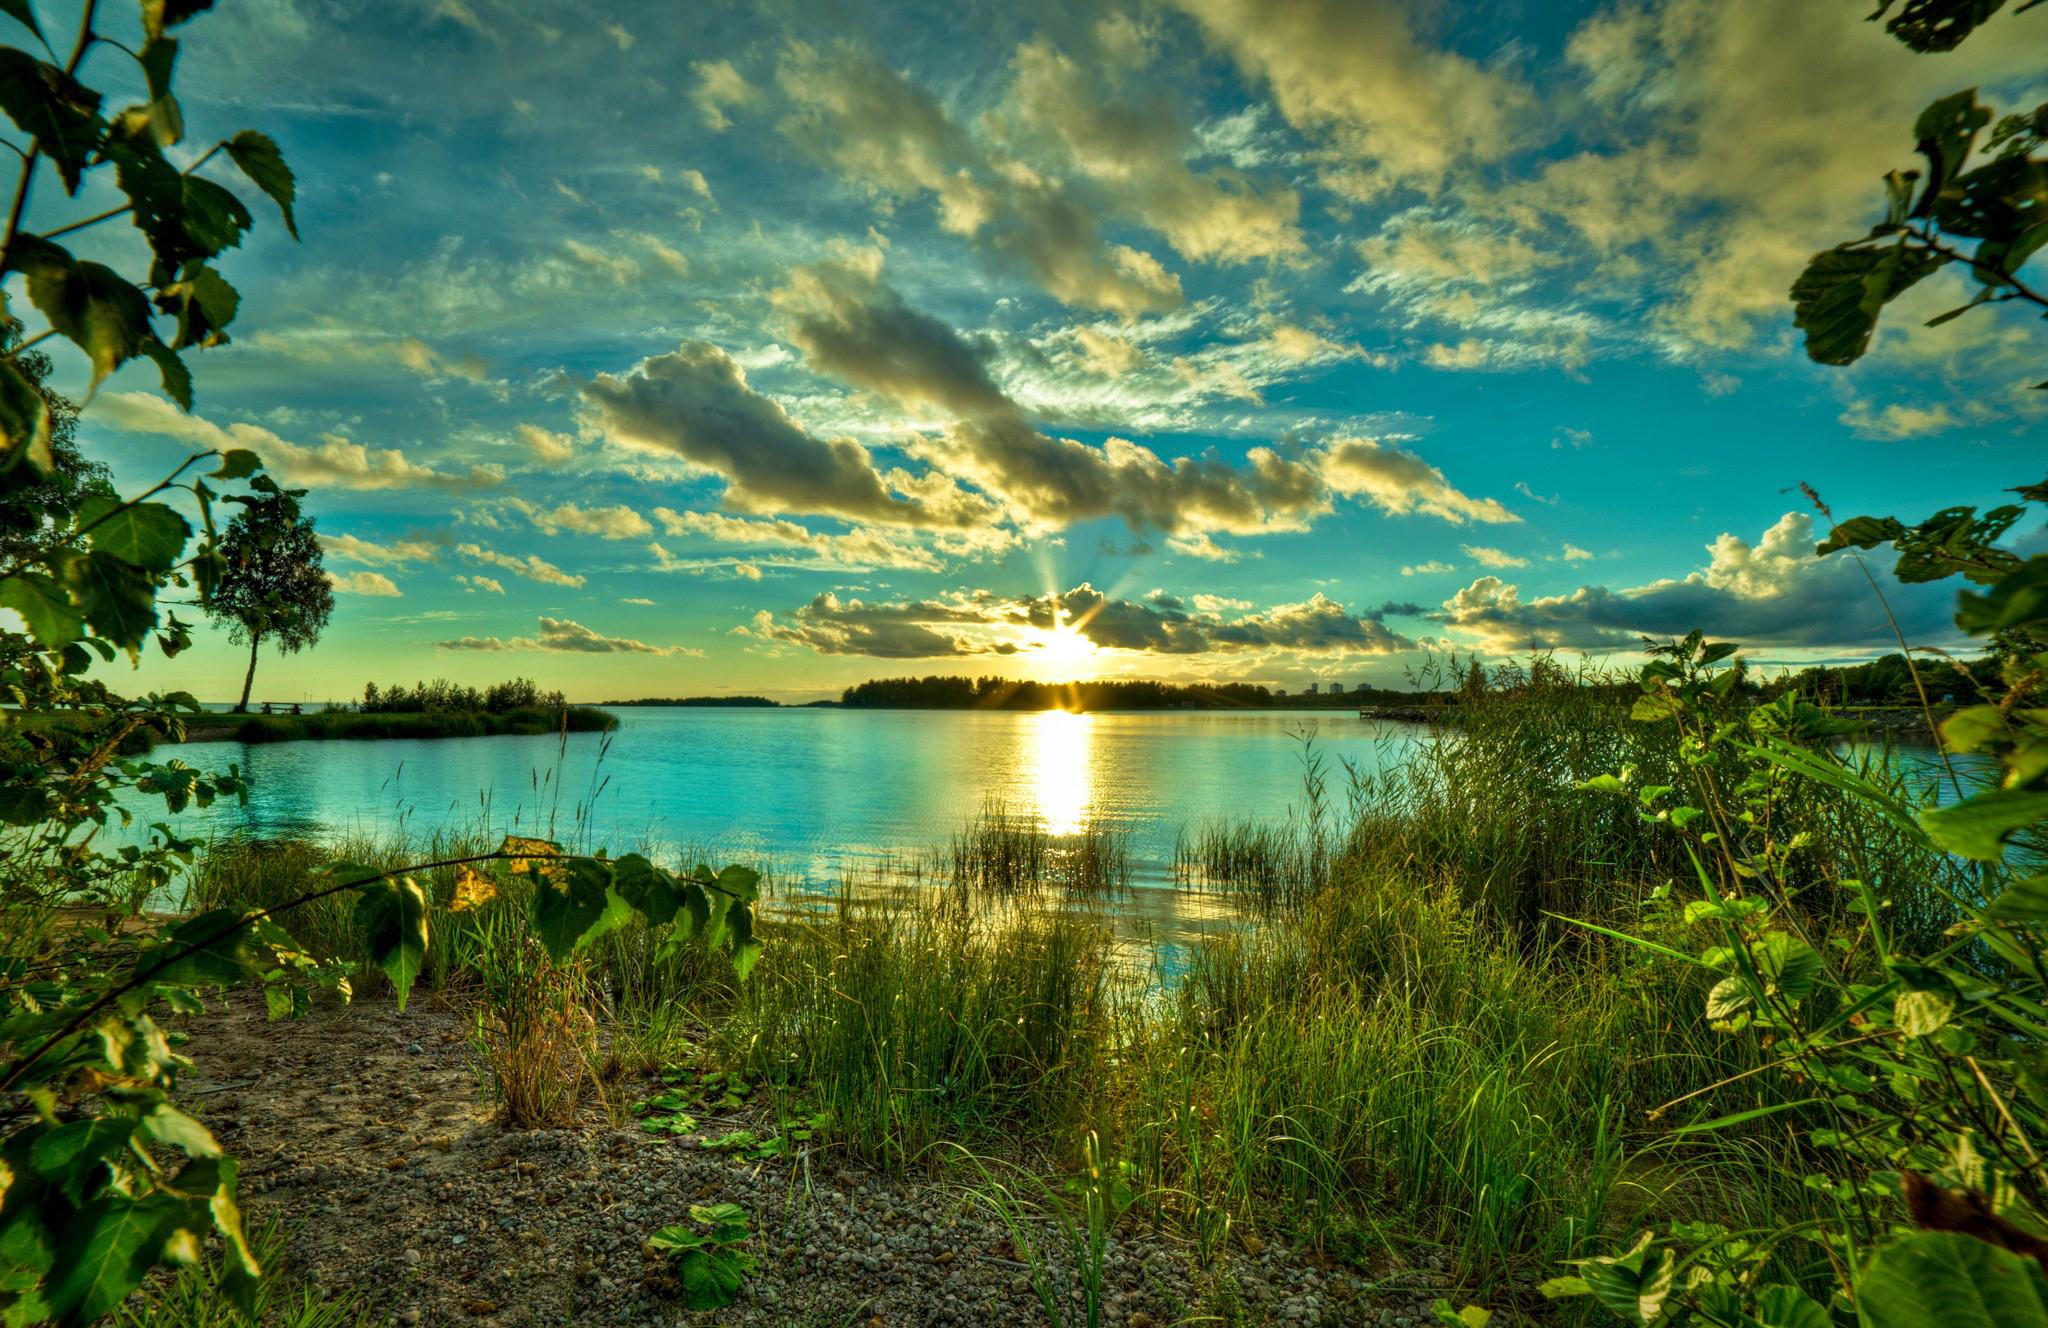 природа облака солнце река  № 2602858 бесплатно